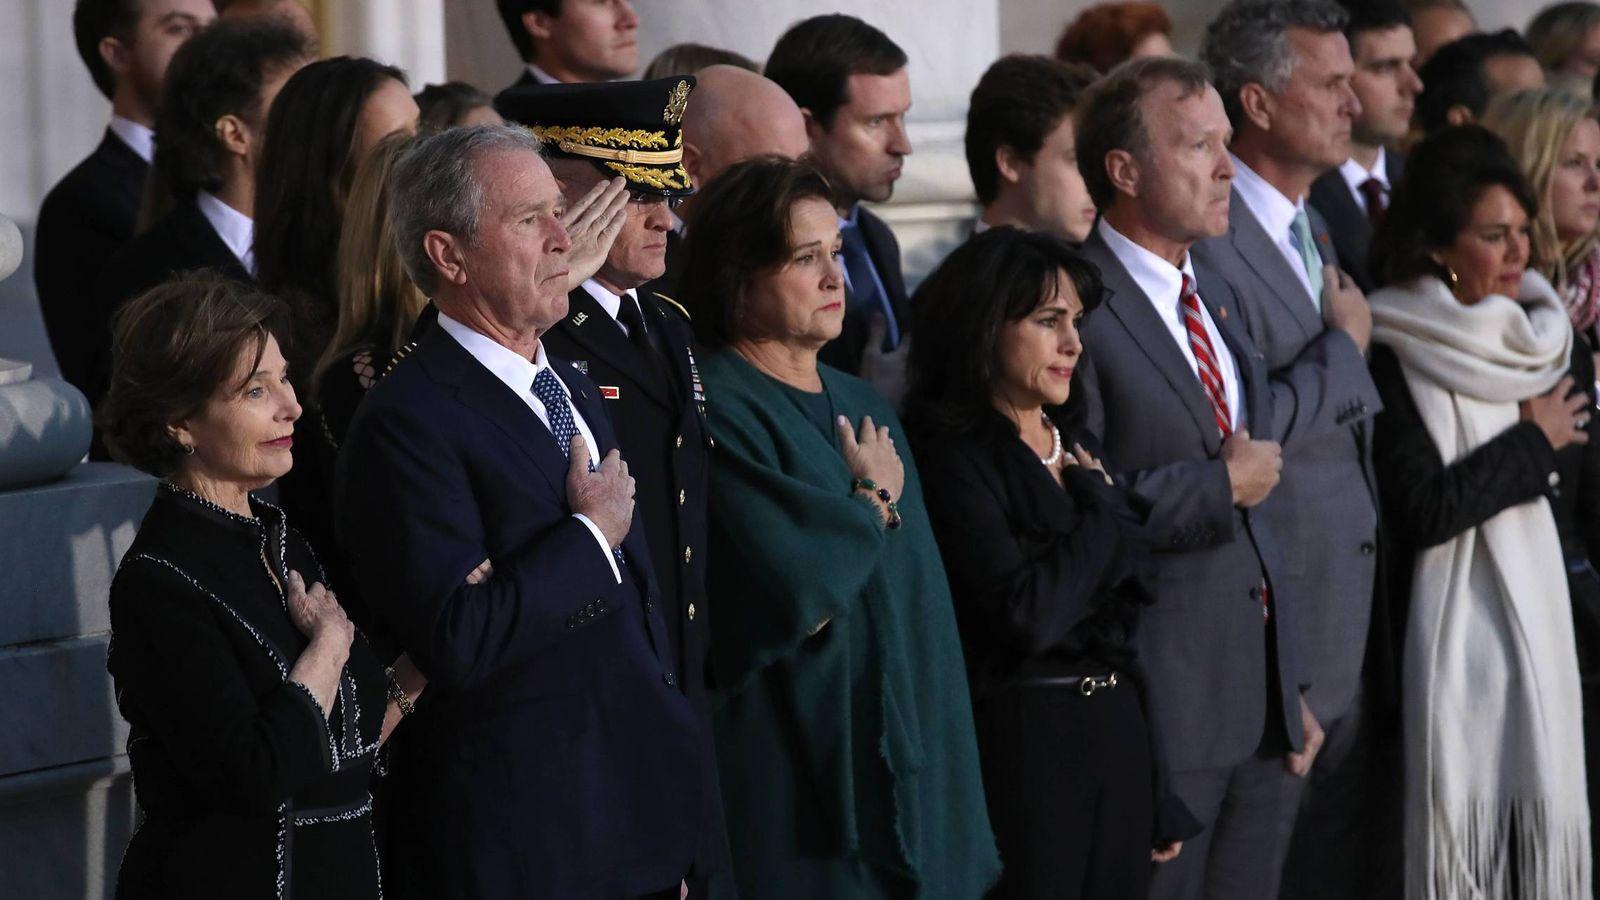 Foto: Laura y George Bush durante el homenaje en el Capitolio a George H. W. Bush. (Cordon Press)